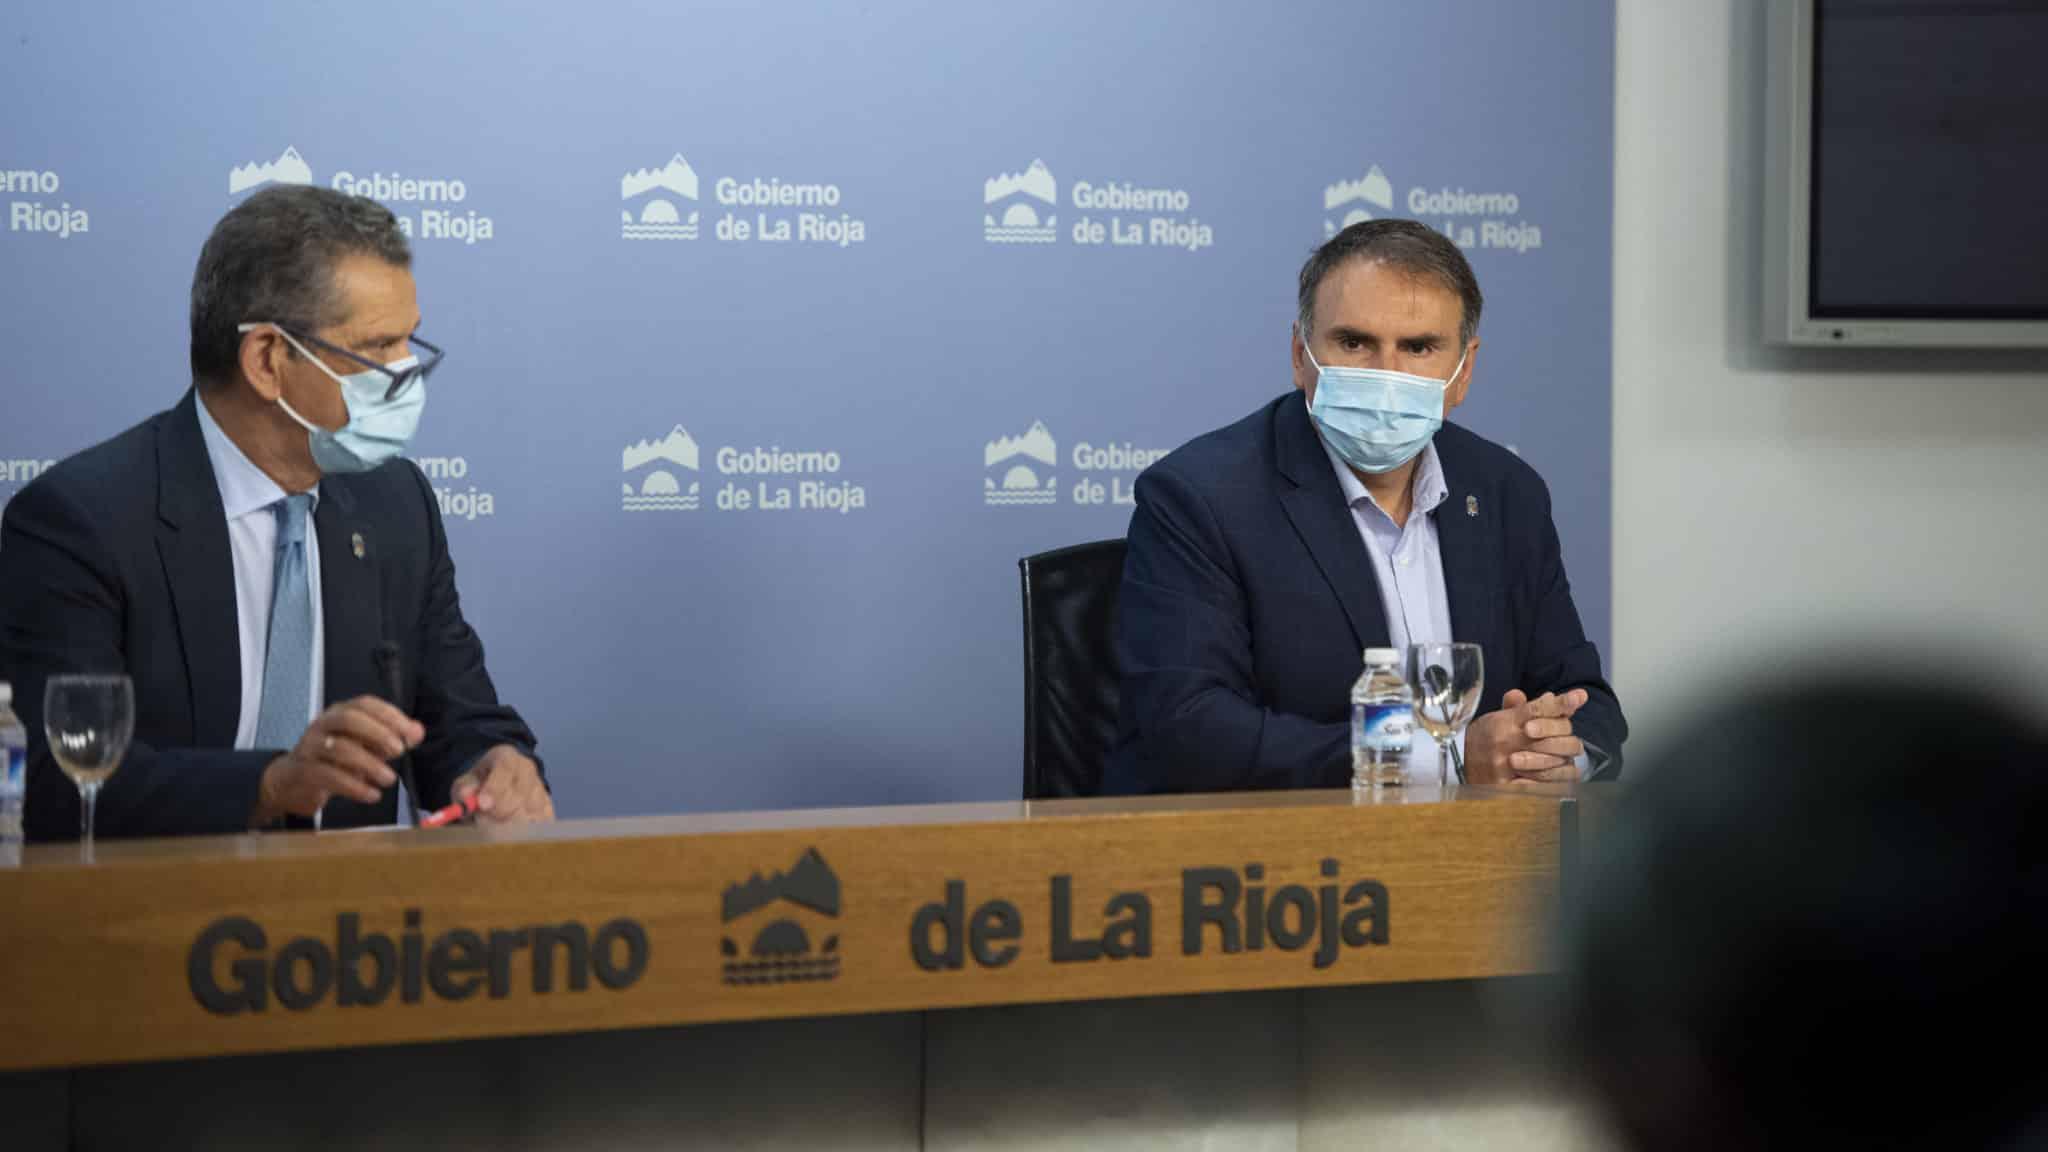 """La Rioja Turismo se convierte en La Rioja 360 para promocionar la región de """"forma integral"""" 1"""